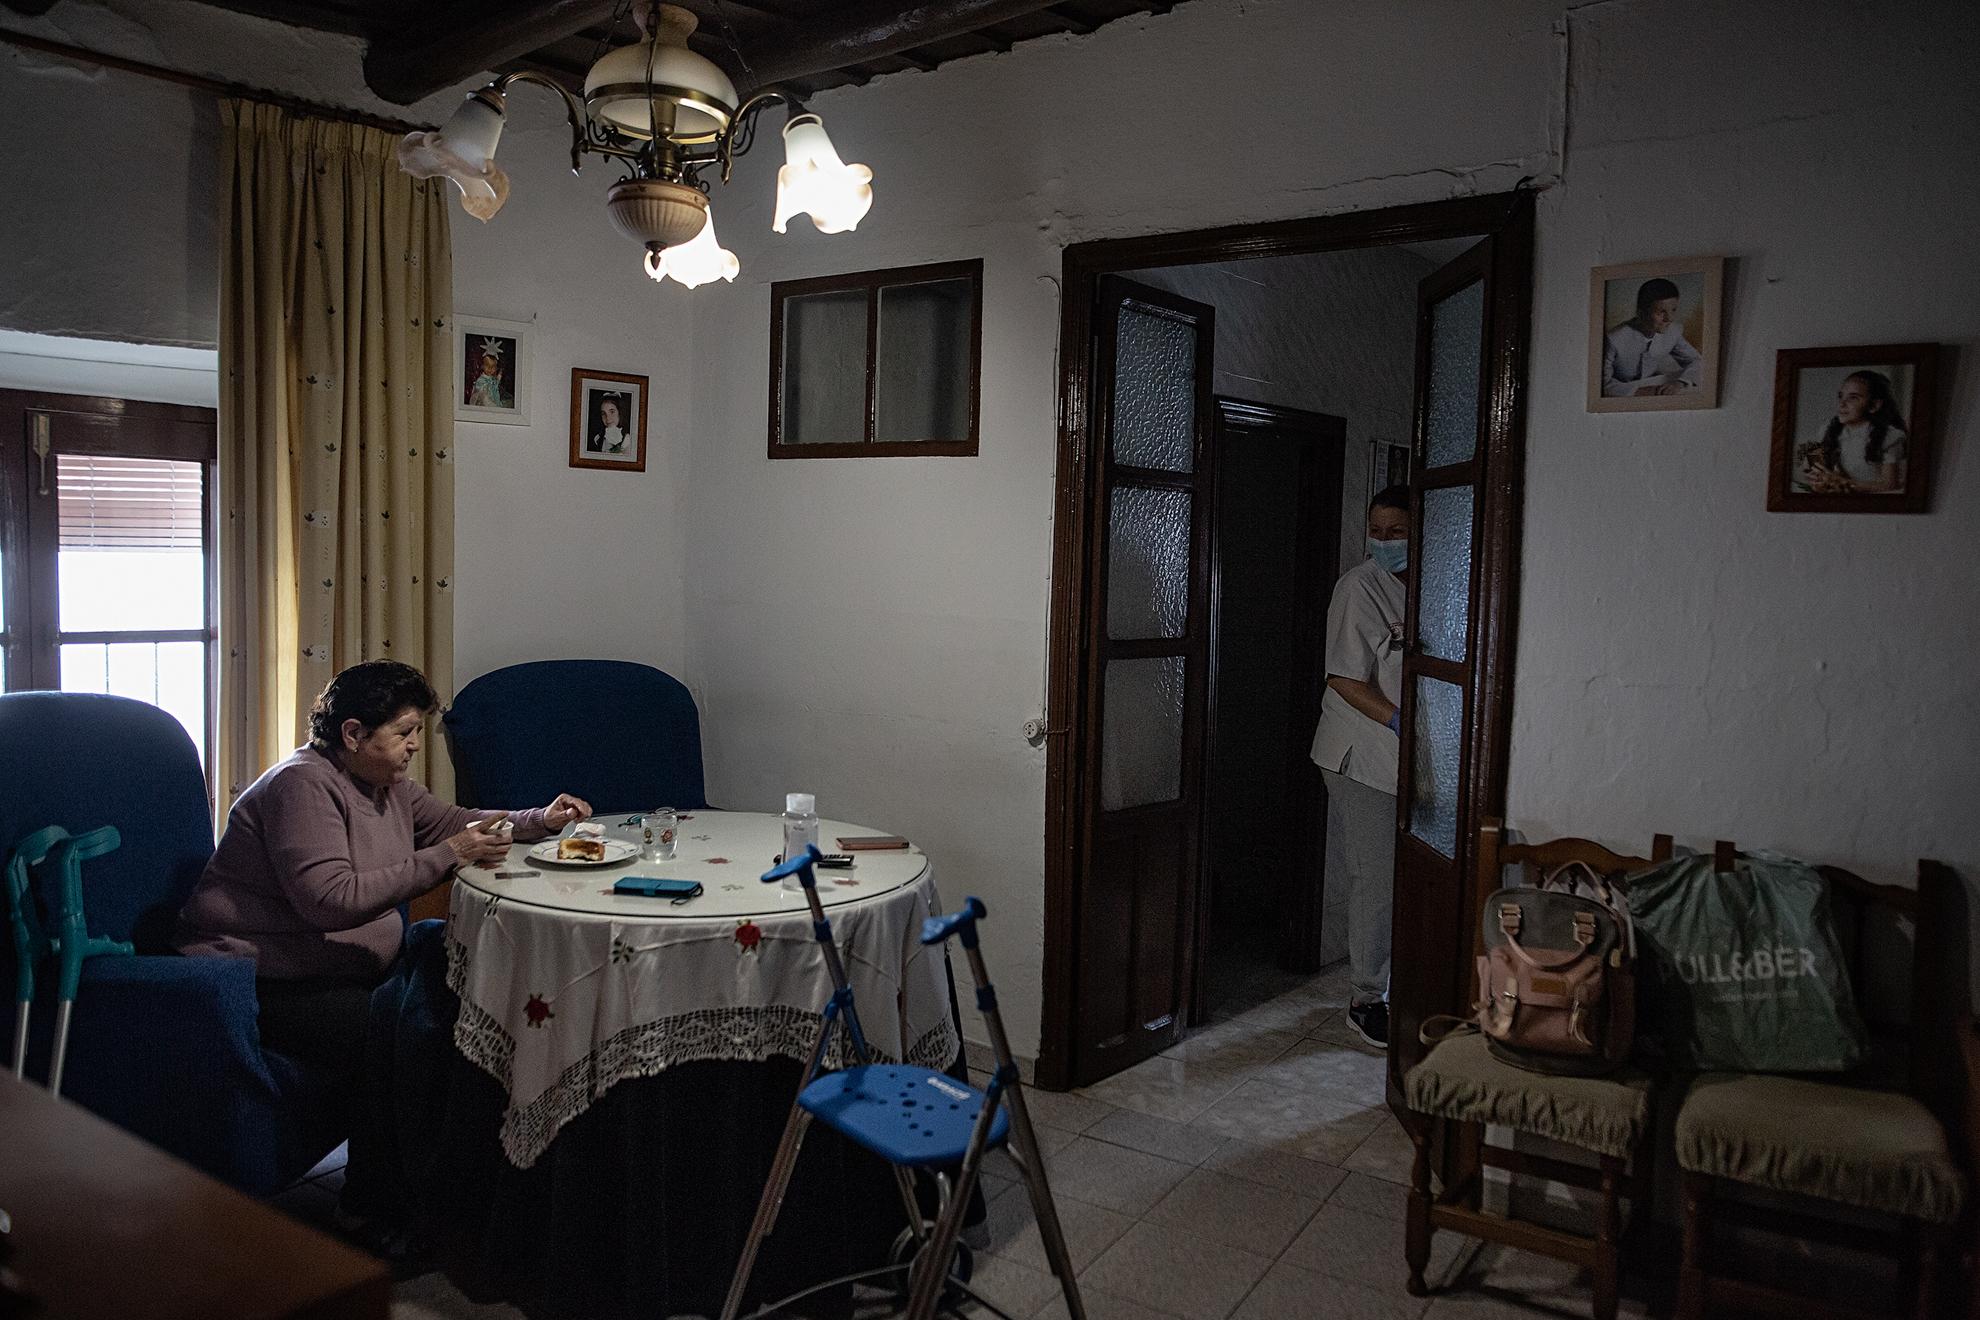 """Puntual a las 9.00 a.m, Mª Carmen del servicio de atención a domicilio del Ayuntamiento de Aracena, acude a su cita con la alegre Luisa de 78 años. Conversan con humor y complicidad mientras Luisa desayuna y Mª Carmen atiende las tareas del hogar. Al final es como una simbiosis en la que las dos tanto se dan como reciben, cada una necesita de la otra en algún sentido. Luisa presume orgullosa de sus 5 nietos y también presume de ser """"una abuela moderna"""". Cada día habla con sus nietos por videollamada, sin ayuda de nadie porque como ella dice: """"Al final es tan fácil como apretar un botón y ya los puedo ver, al menos en la pantalla. Es lo único que llevo mal de salir poco a la calle. No abrazar a mis nietos""""."""